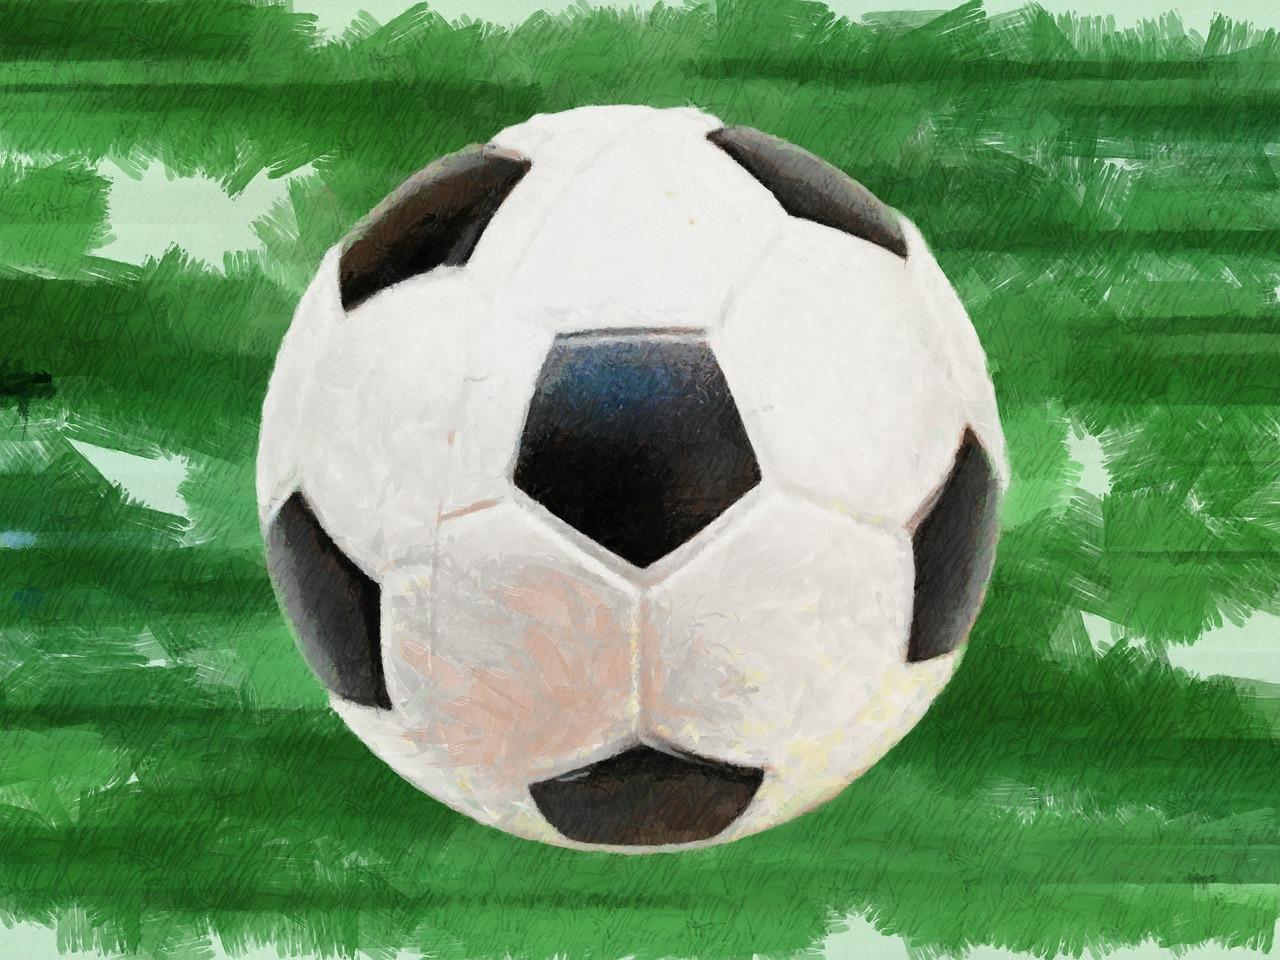 Открытка футбольный мяч